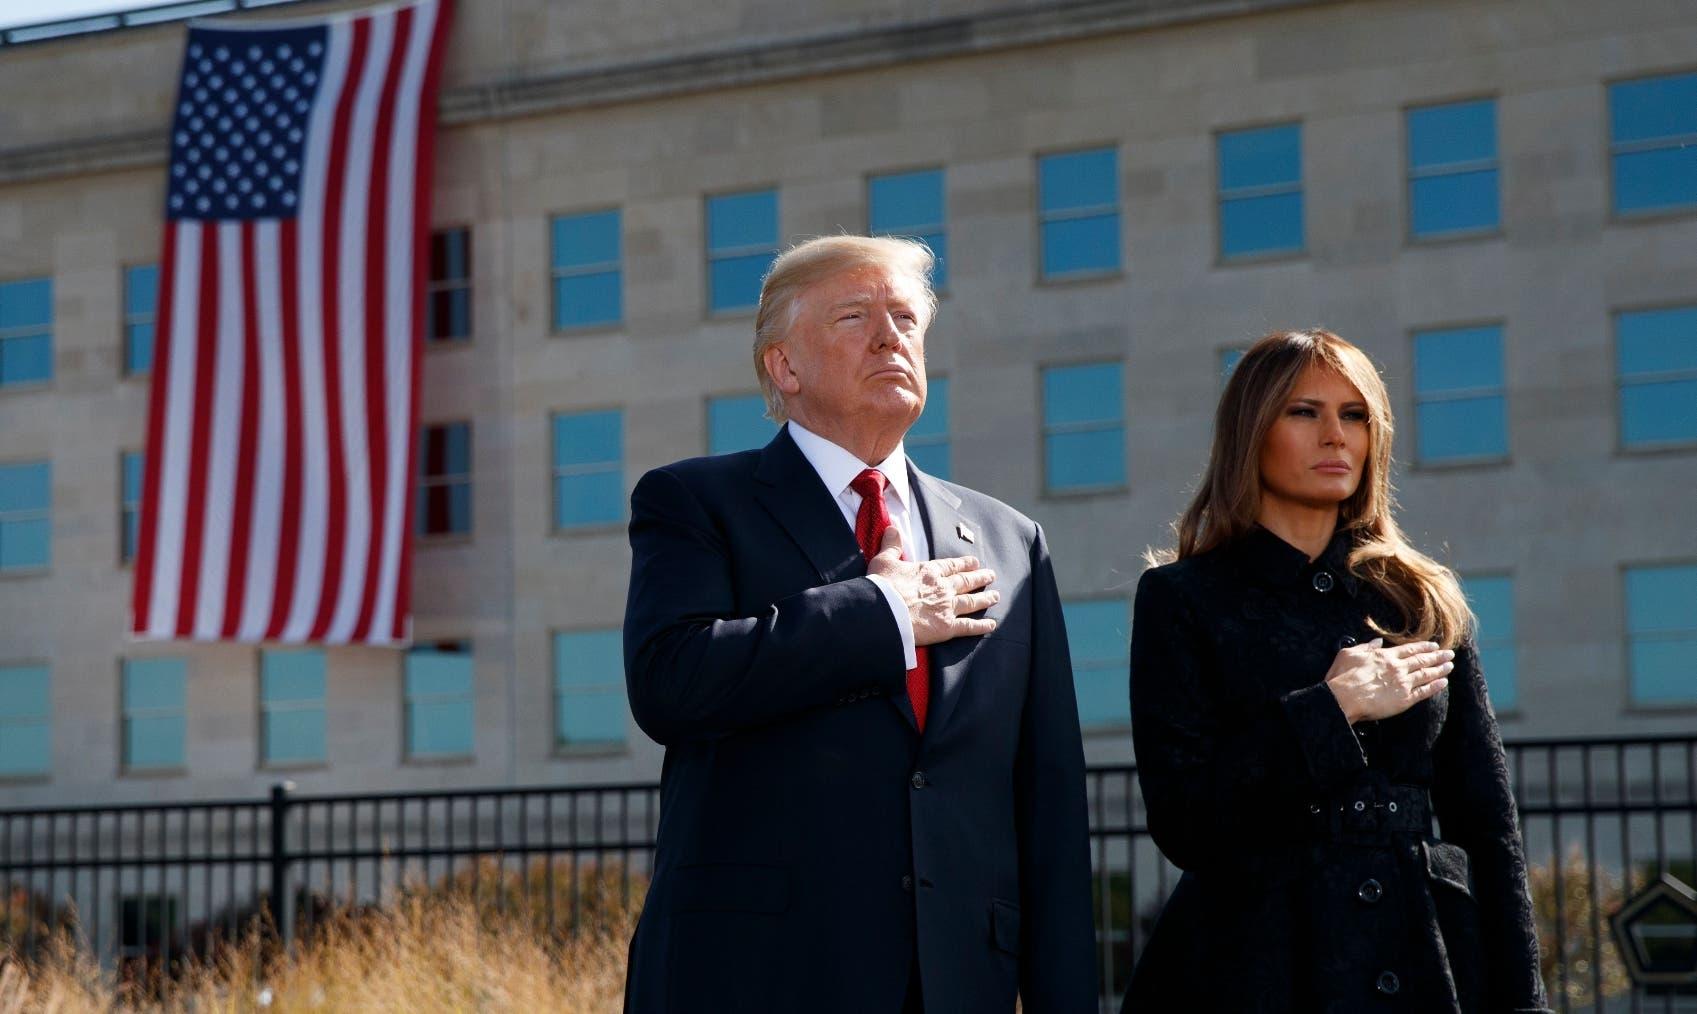 El presidente estadounidense, Donald Trump, acompañado por la primera dama Melania, rindió homenaje a las víctimas.